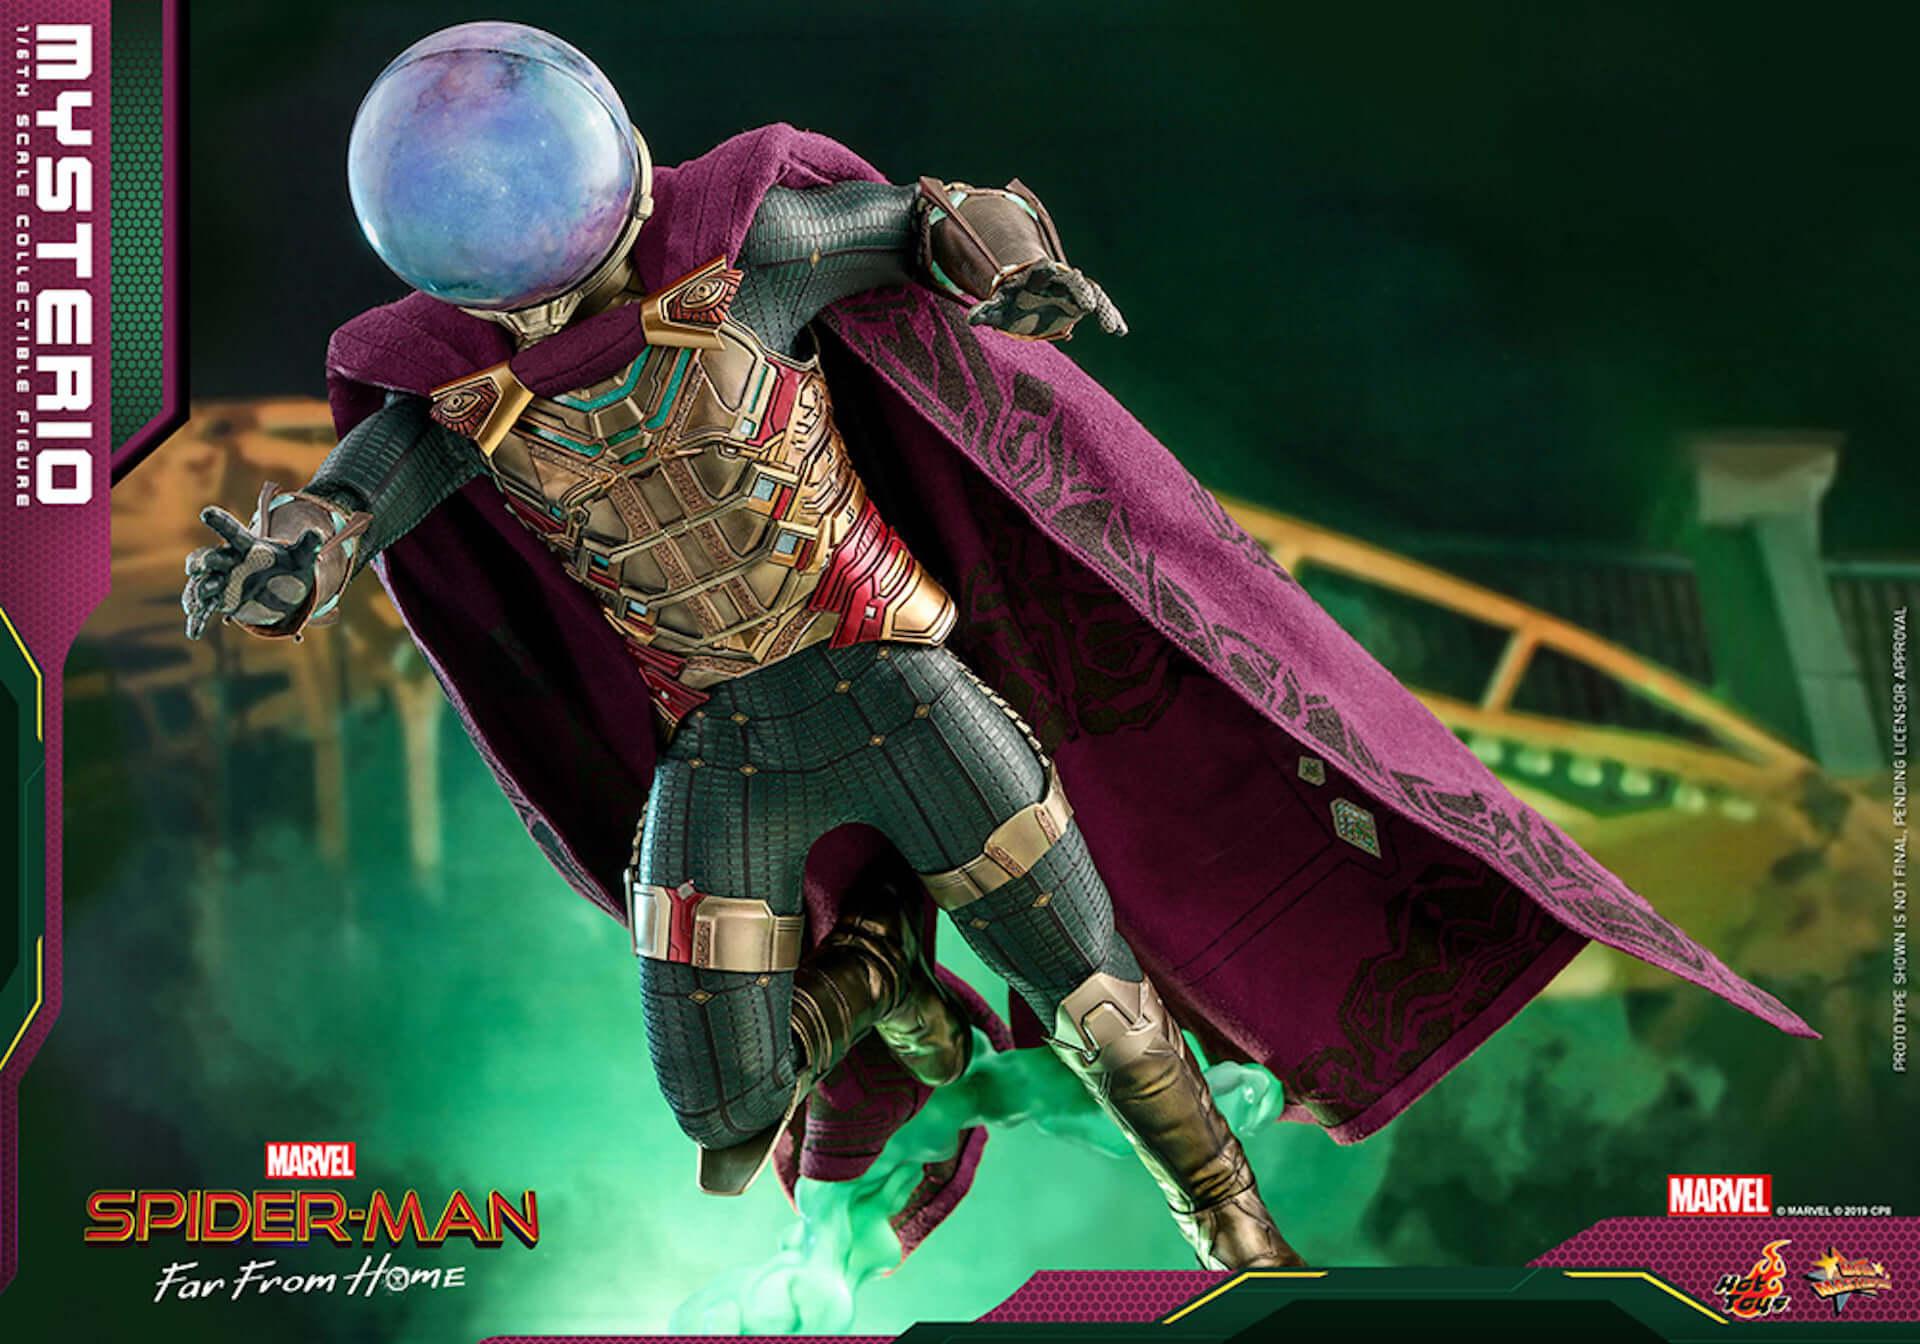 『スパイダーマン:ファー・フロム・ホーム』のミステリオが超リアルなフィギュアとして登場! art190911_sffh_mysterio_hottoys_main-1920x1344